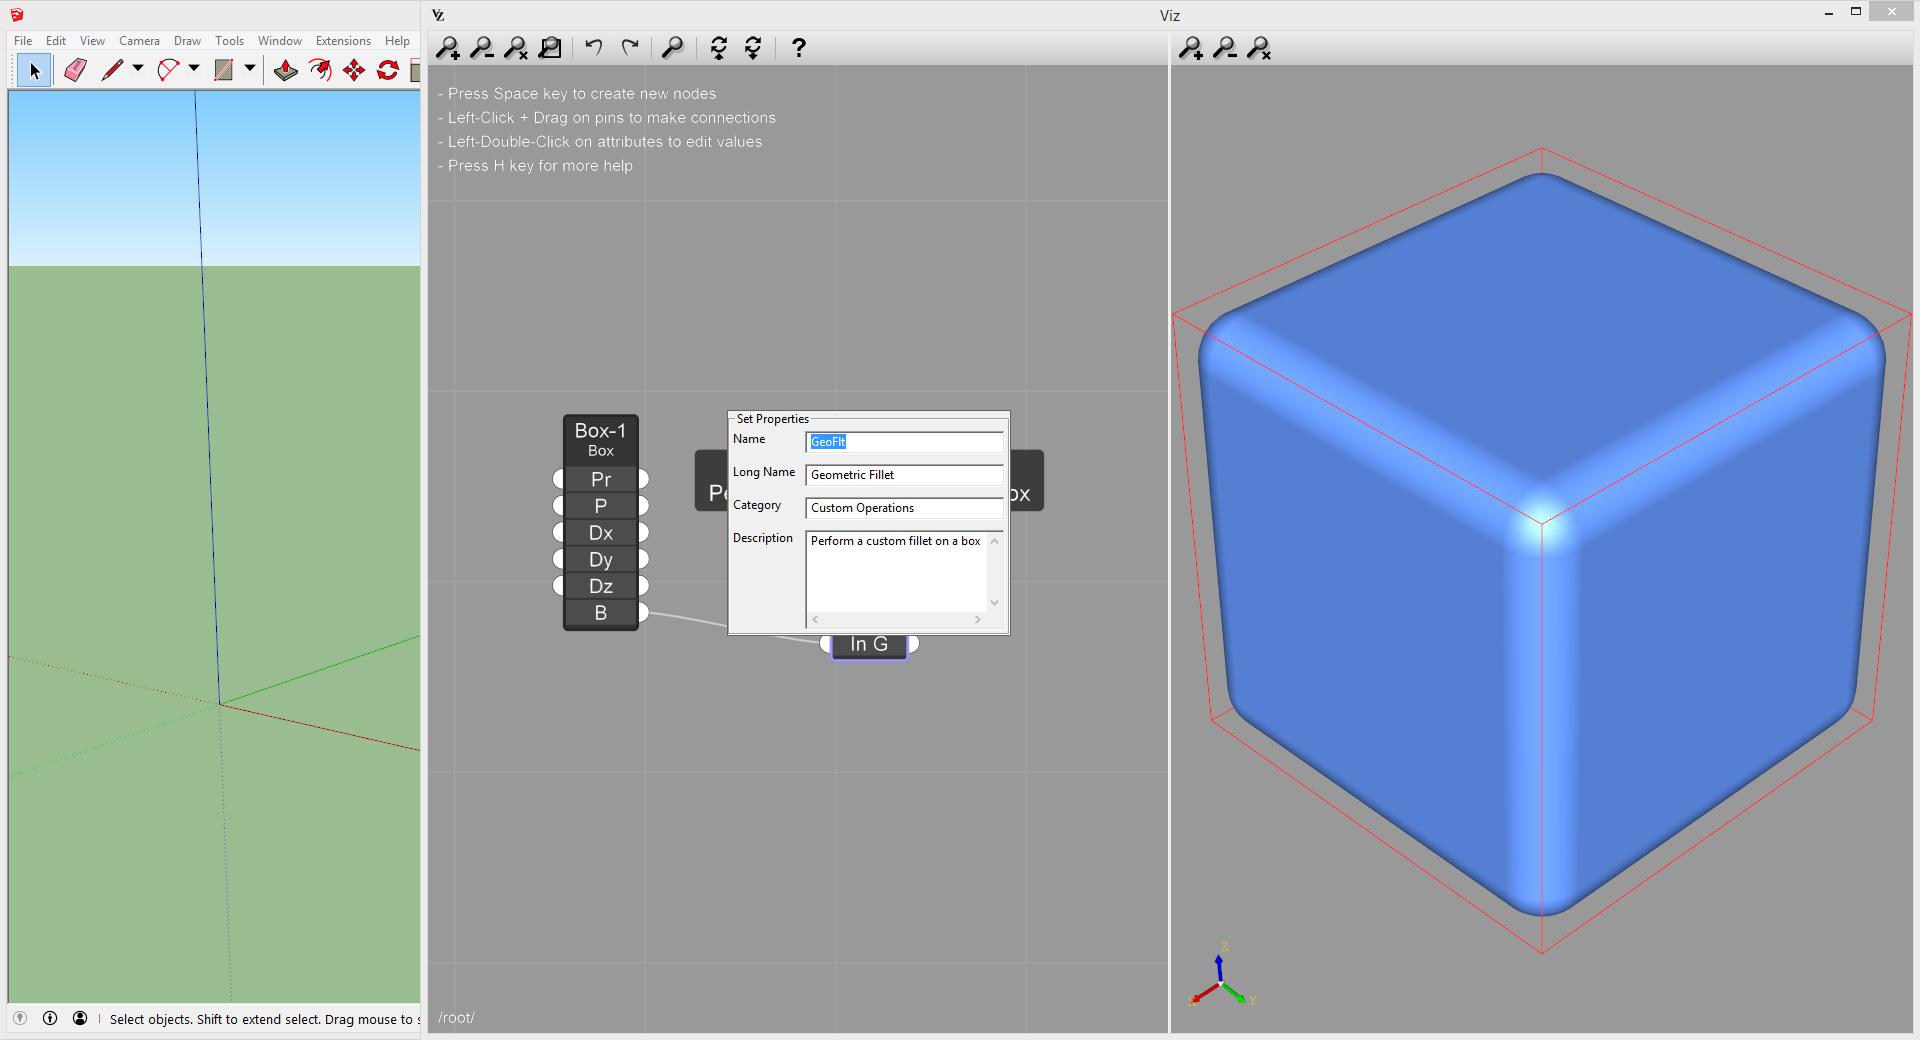 Viz Pro container description